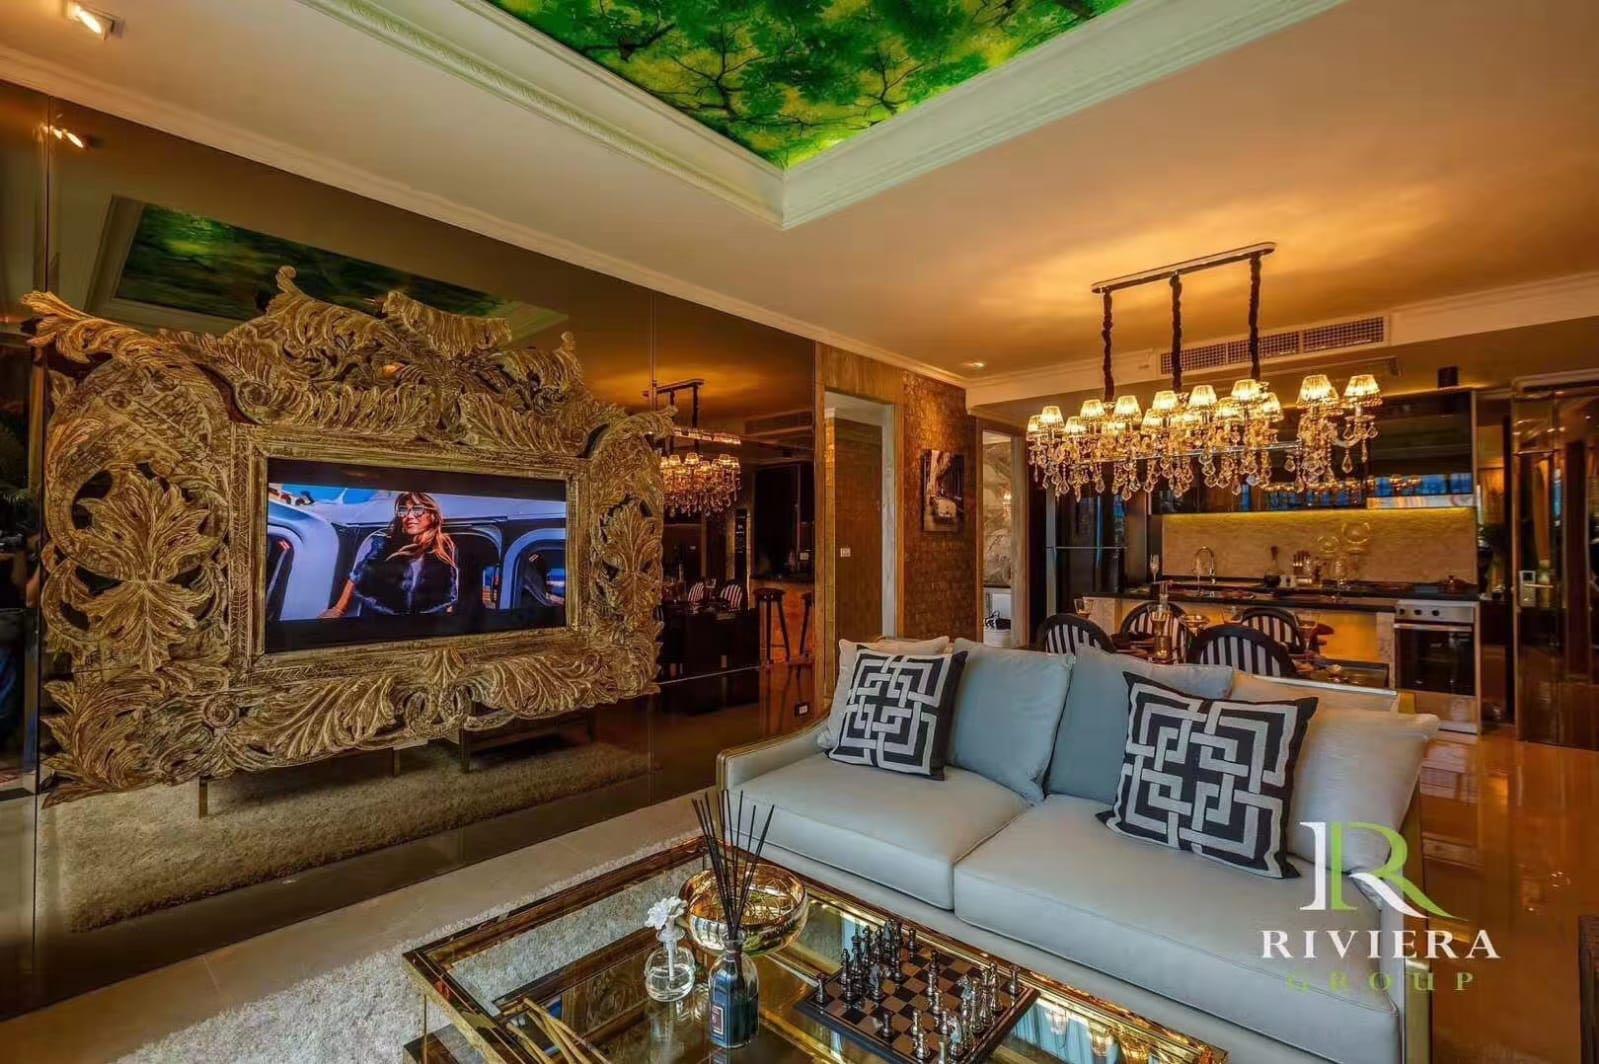 芭堤雅 – 中天海灘區 The Riviera 4期 Ocean Drive – 南亞置業(香港) – 芭堤雅房產投資聯盟